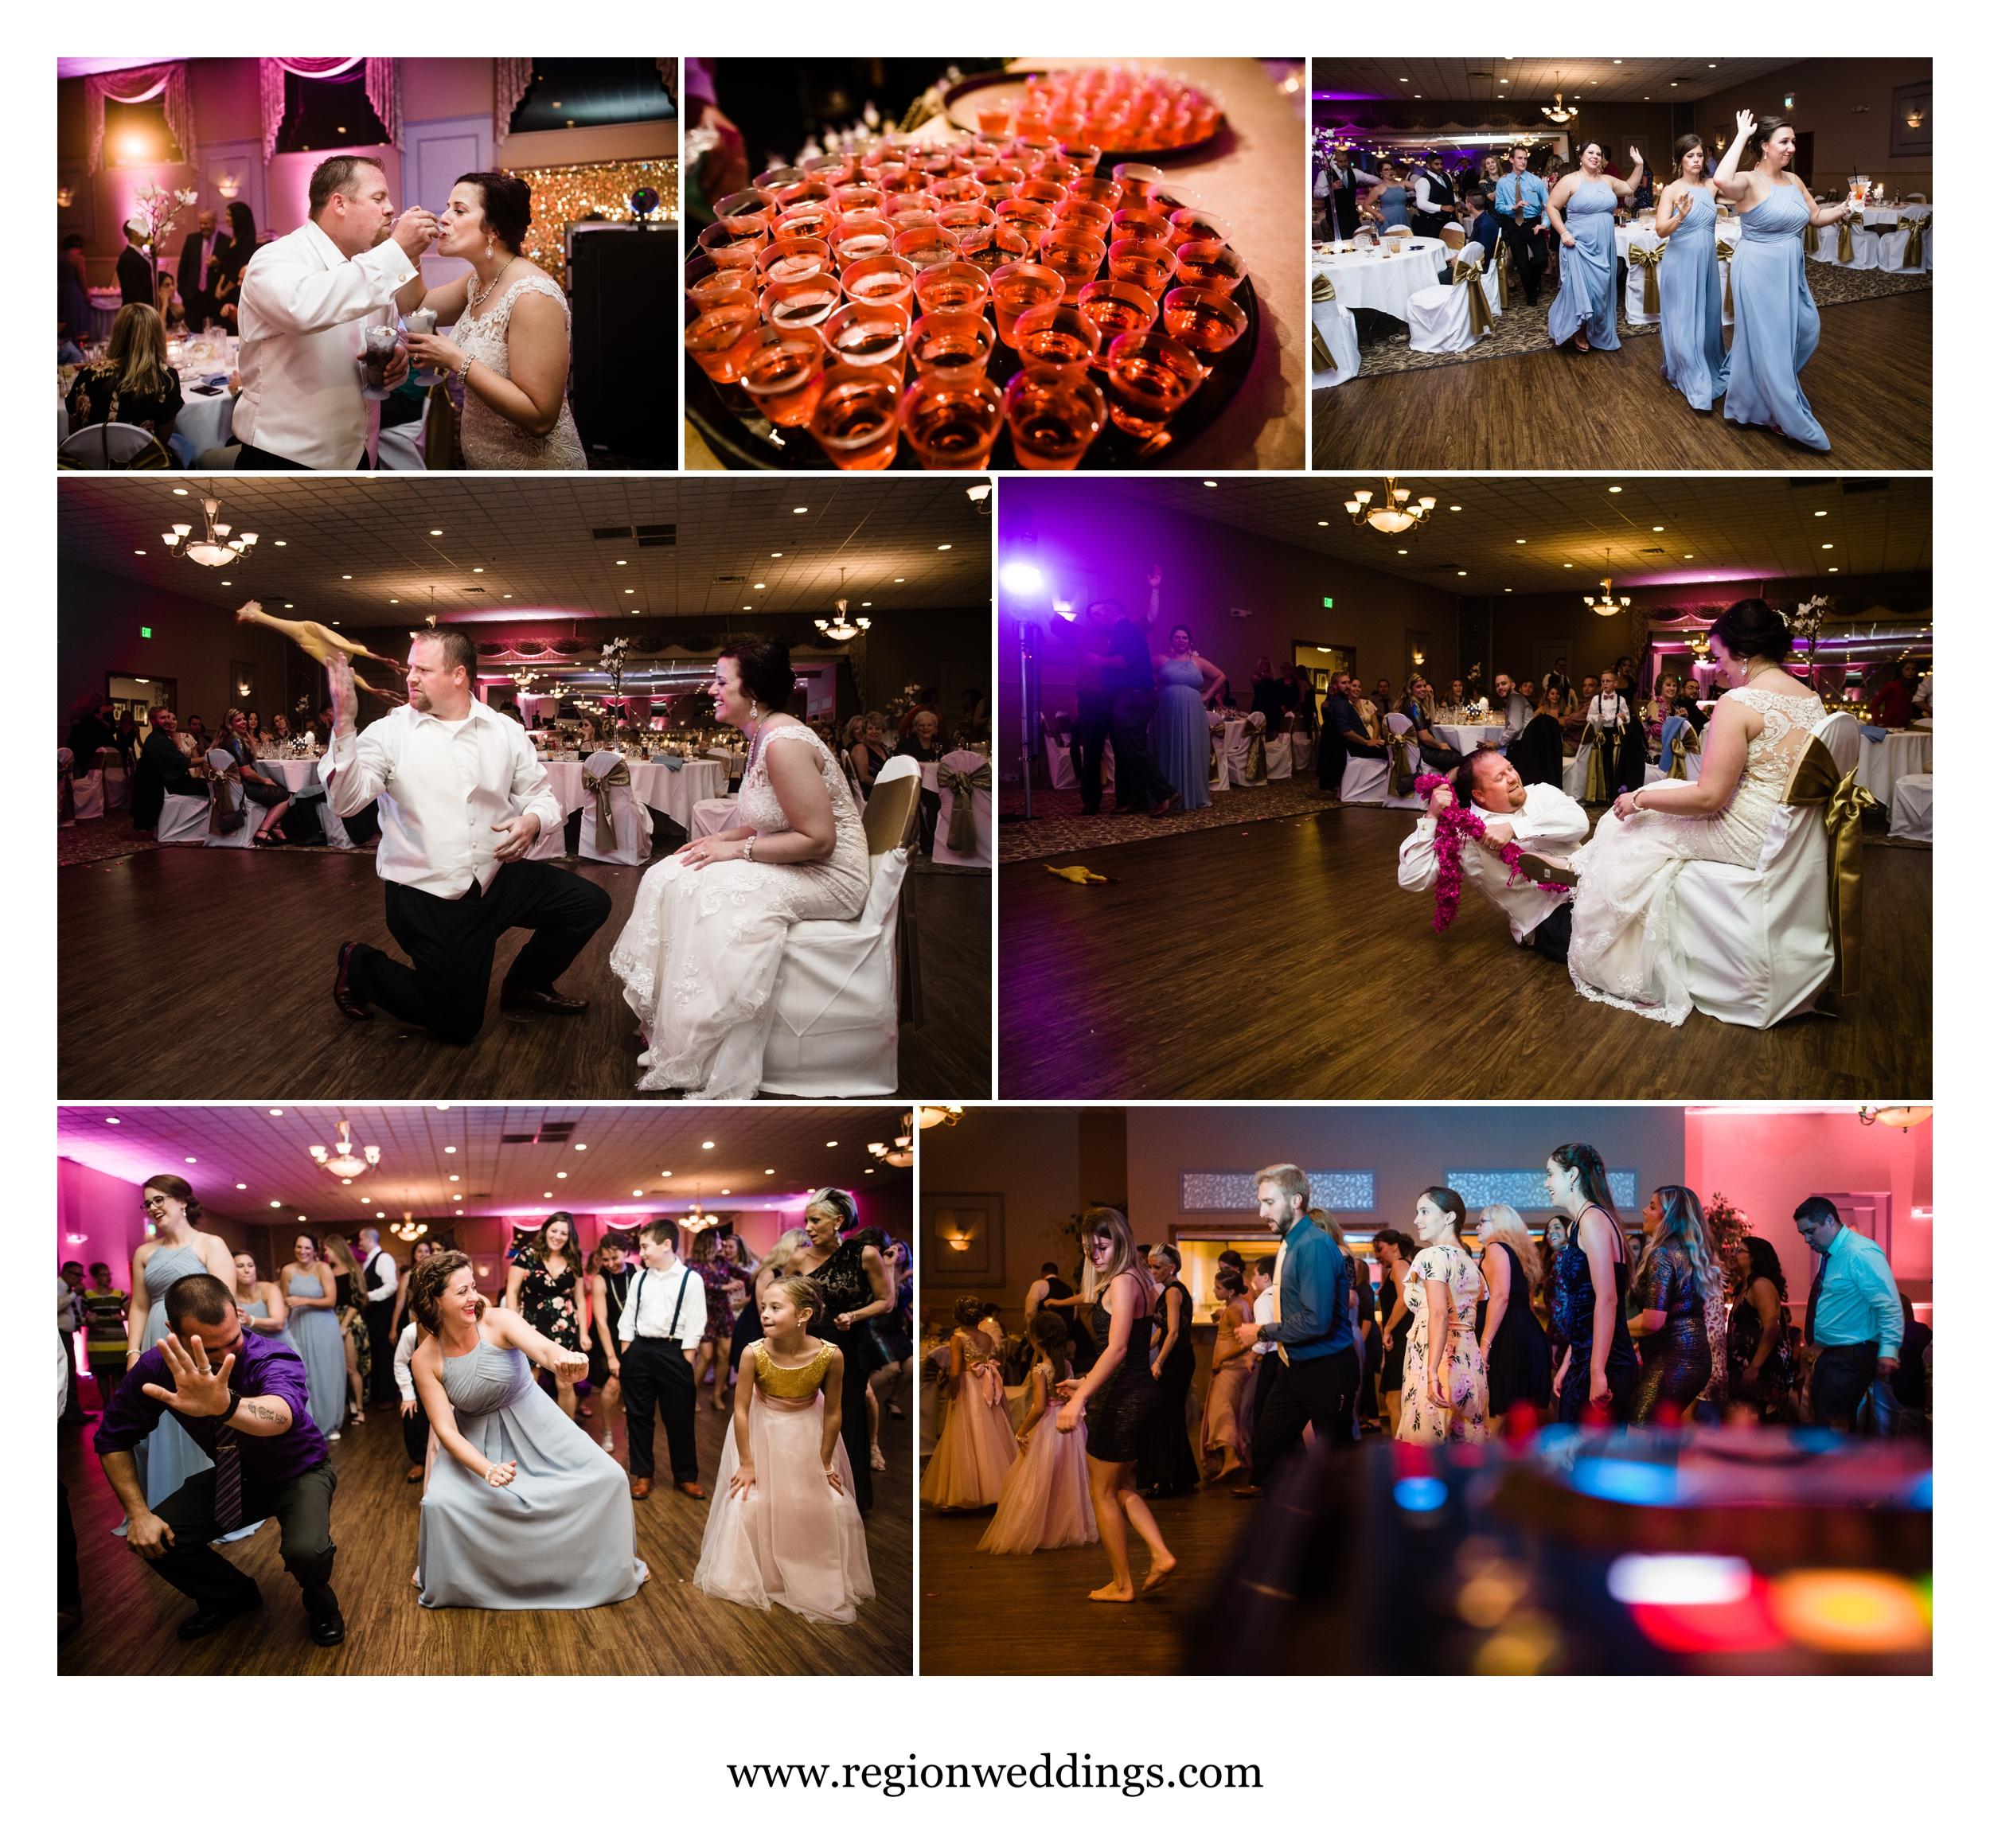 Wedding reception fun at Andorra Banquet Hall.